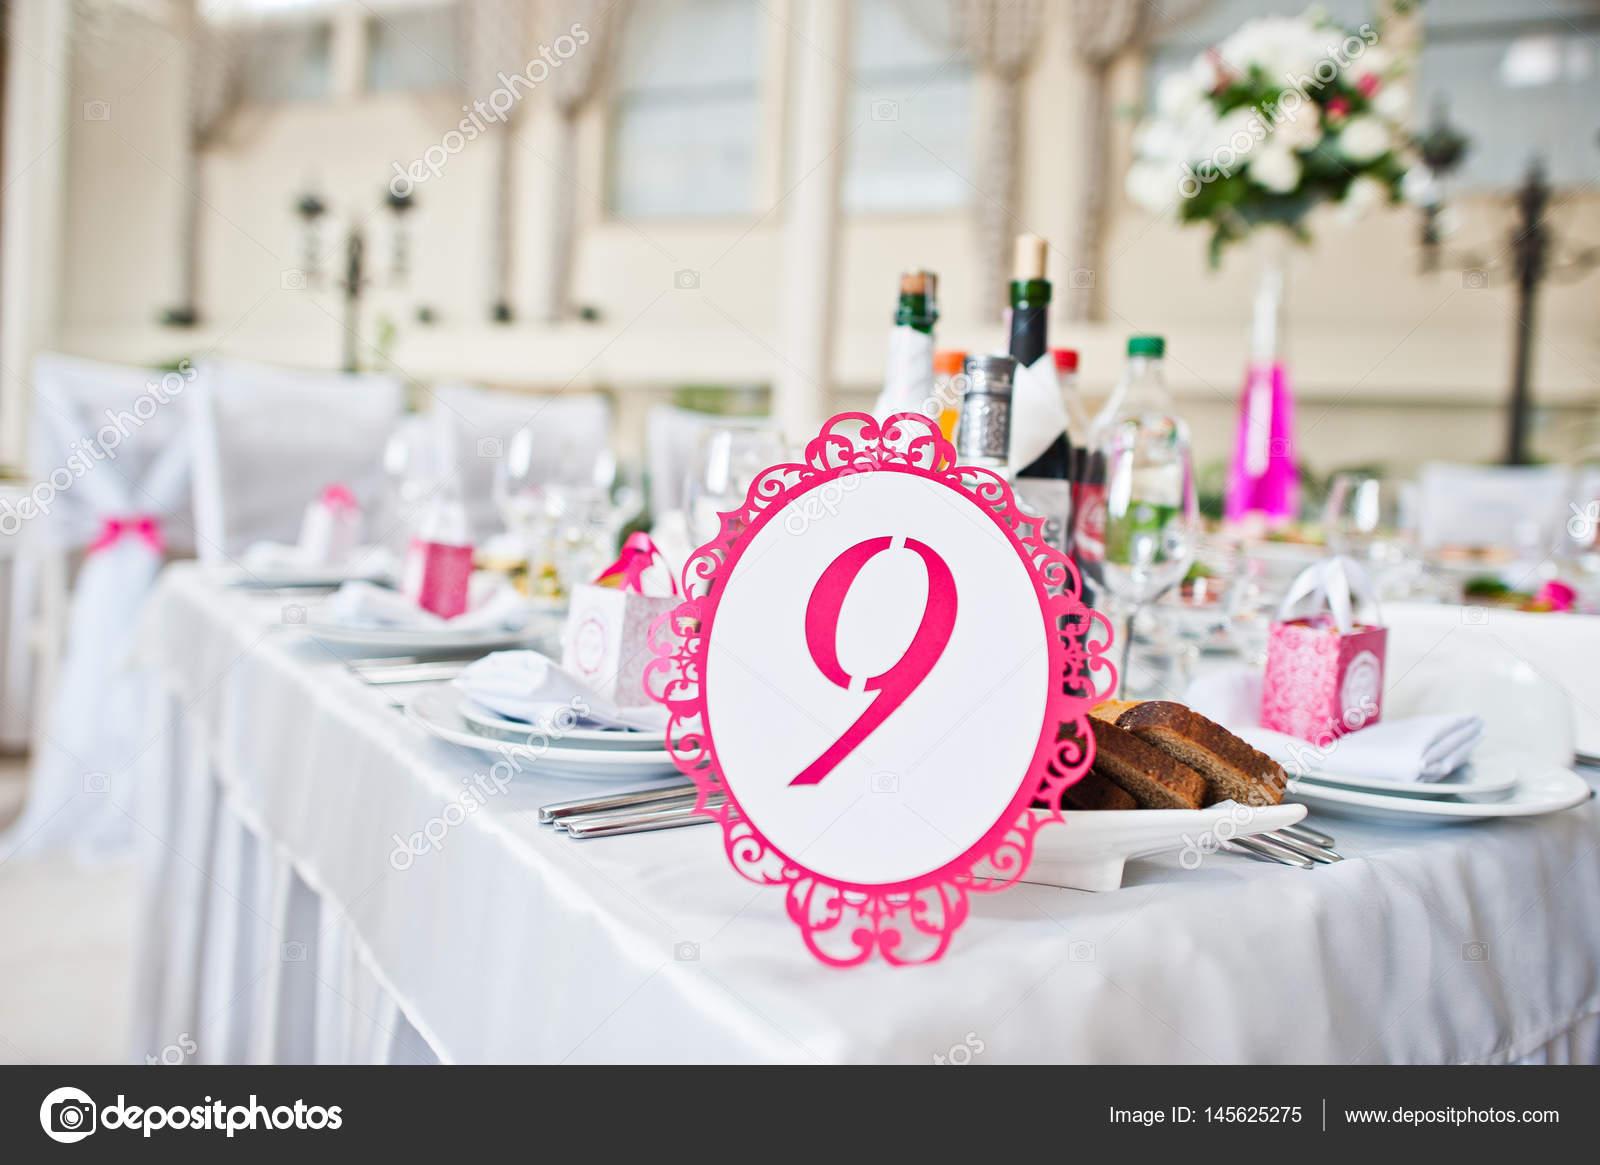 Nº de cuadro 9 en el salón de bodas de invitados de la boda — Fotos ...